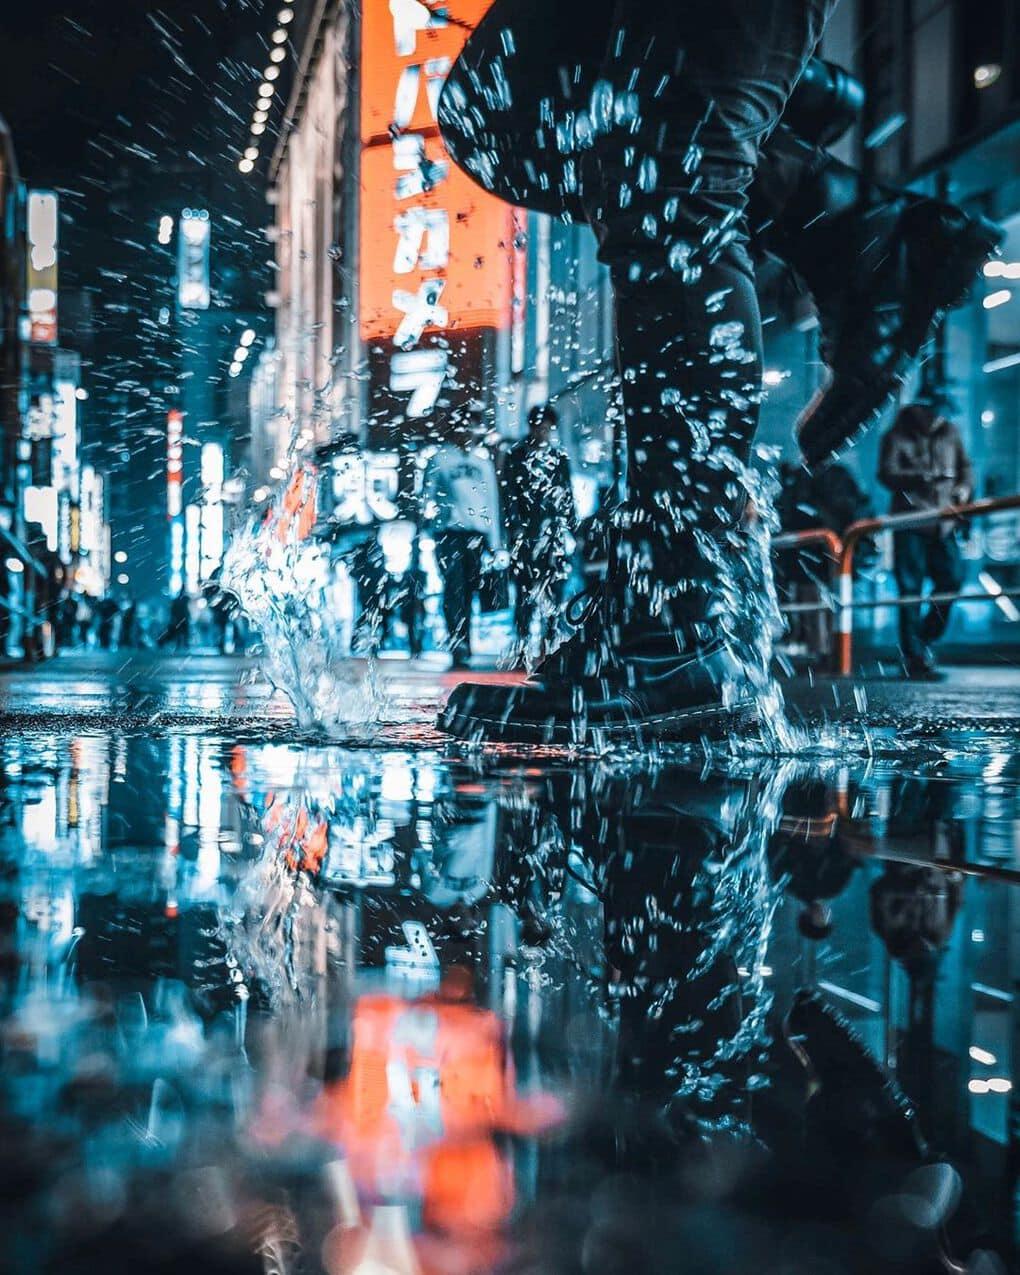 jungraphy 59376373 184889155829978 284872078952072436 n - 25 работ фотографа из Токио, которые погрузят вас в магическую атмосферу ночных японских улиц